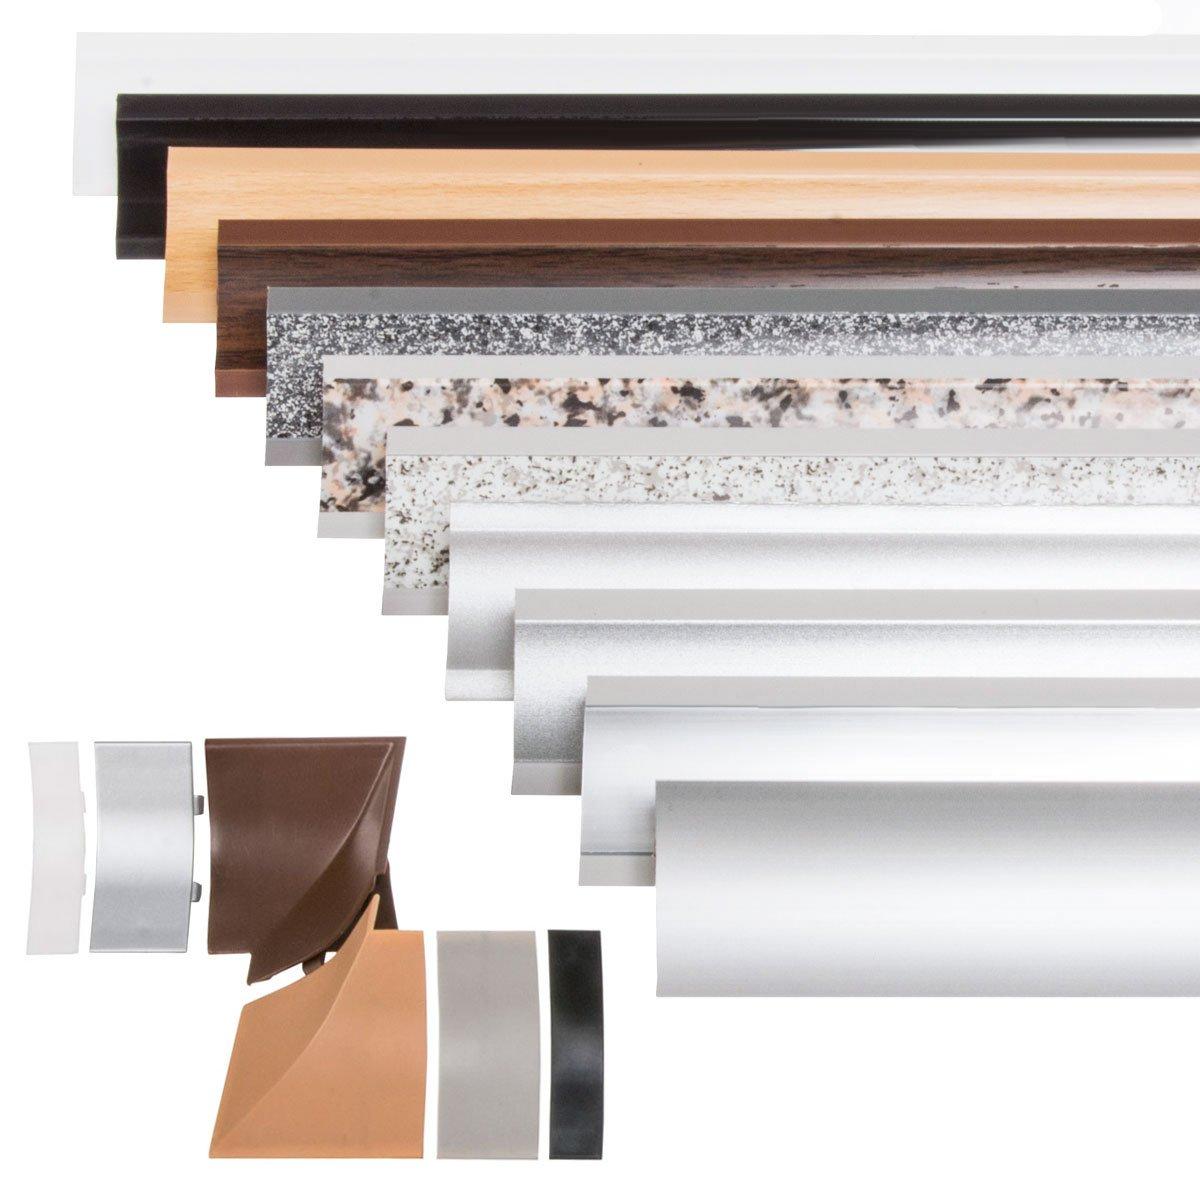 HOLZBRINK Capuchon dExtr/émit/é Plinthe de Comptoir de Cuisine Aluminium Satin/é 23x23 mm Bande de Finition PVC